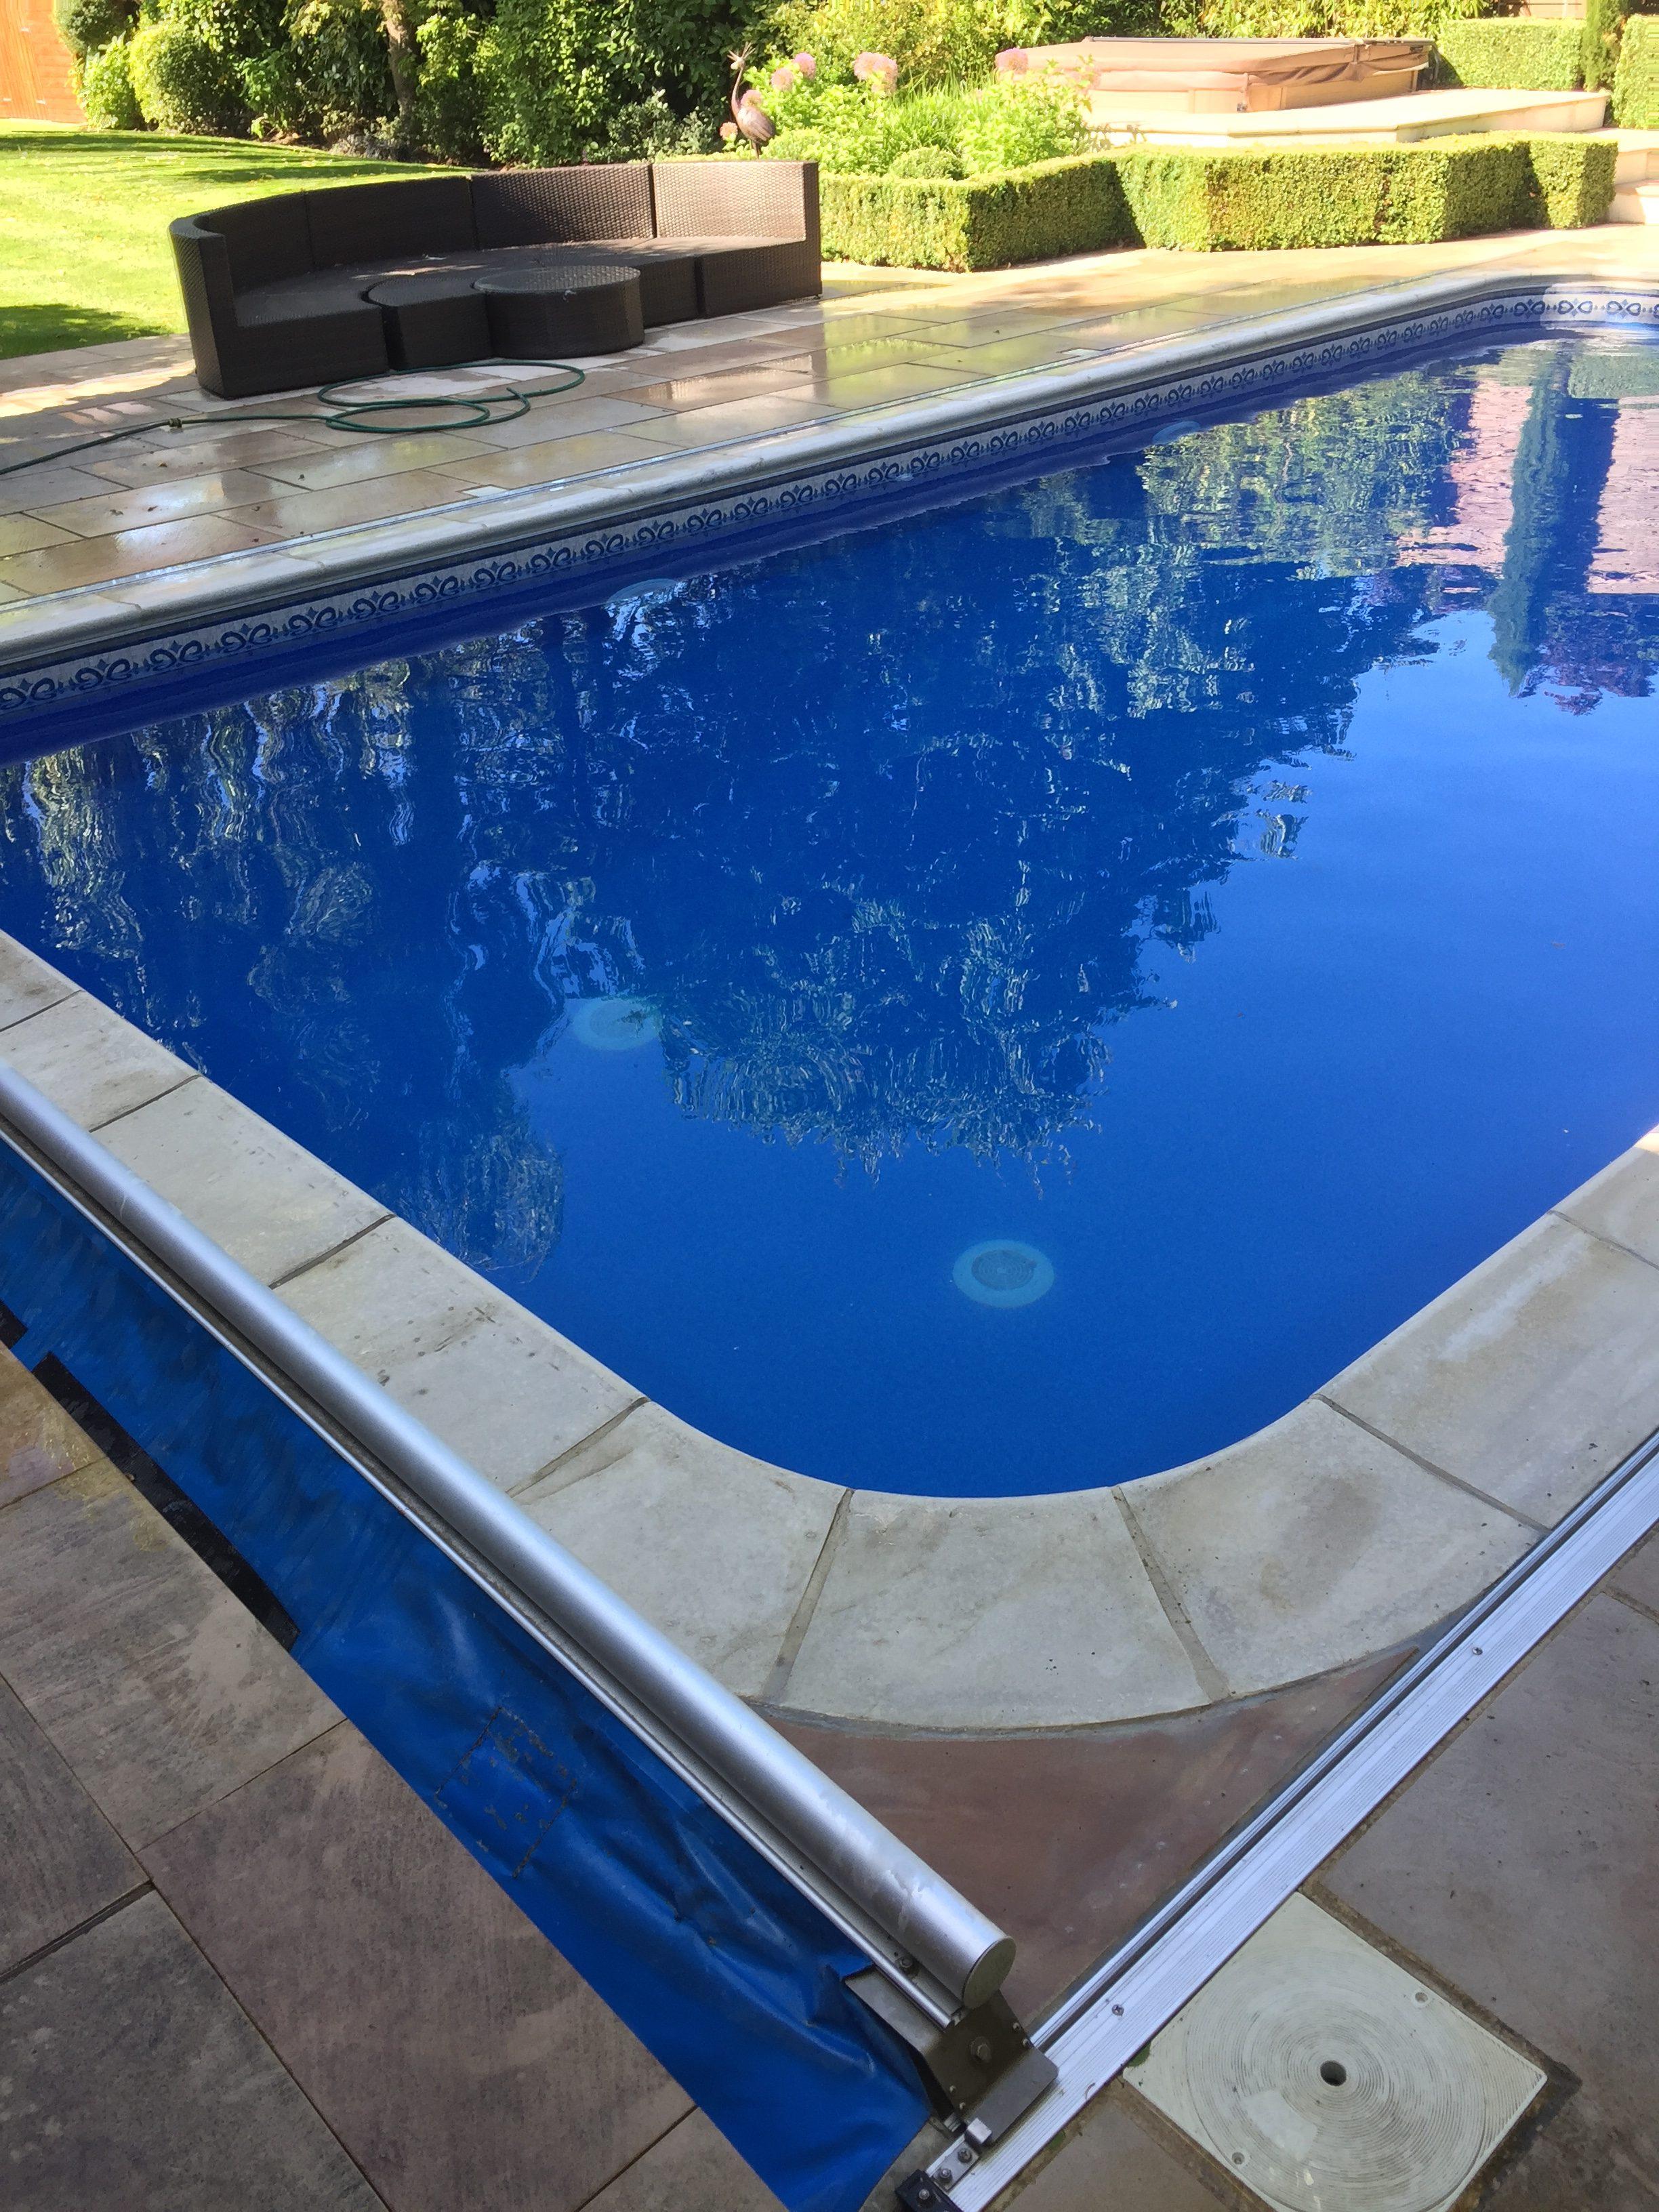 Portfolio bluecube bluecube - Pool and blues ...